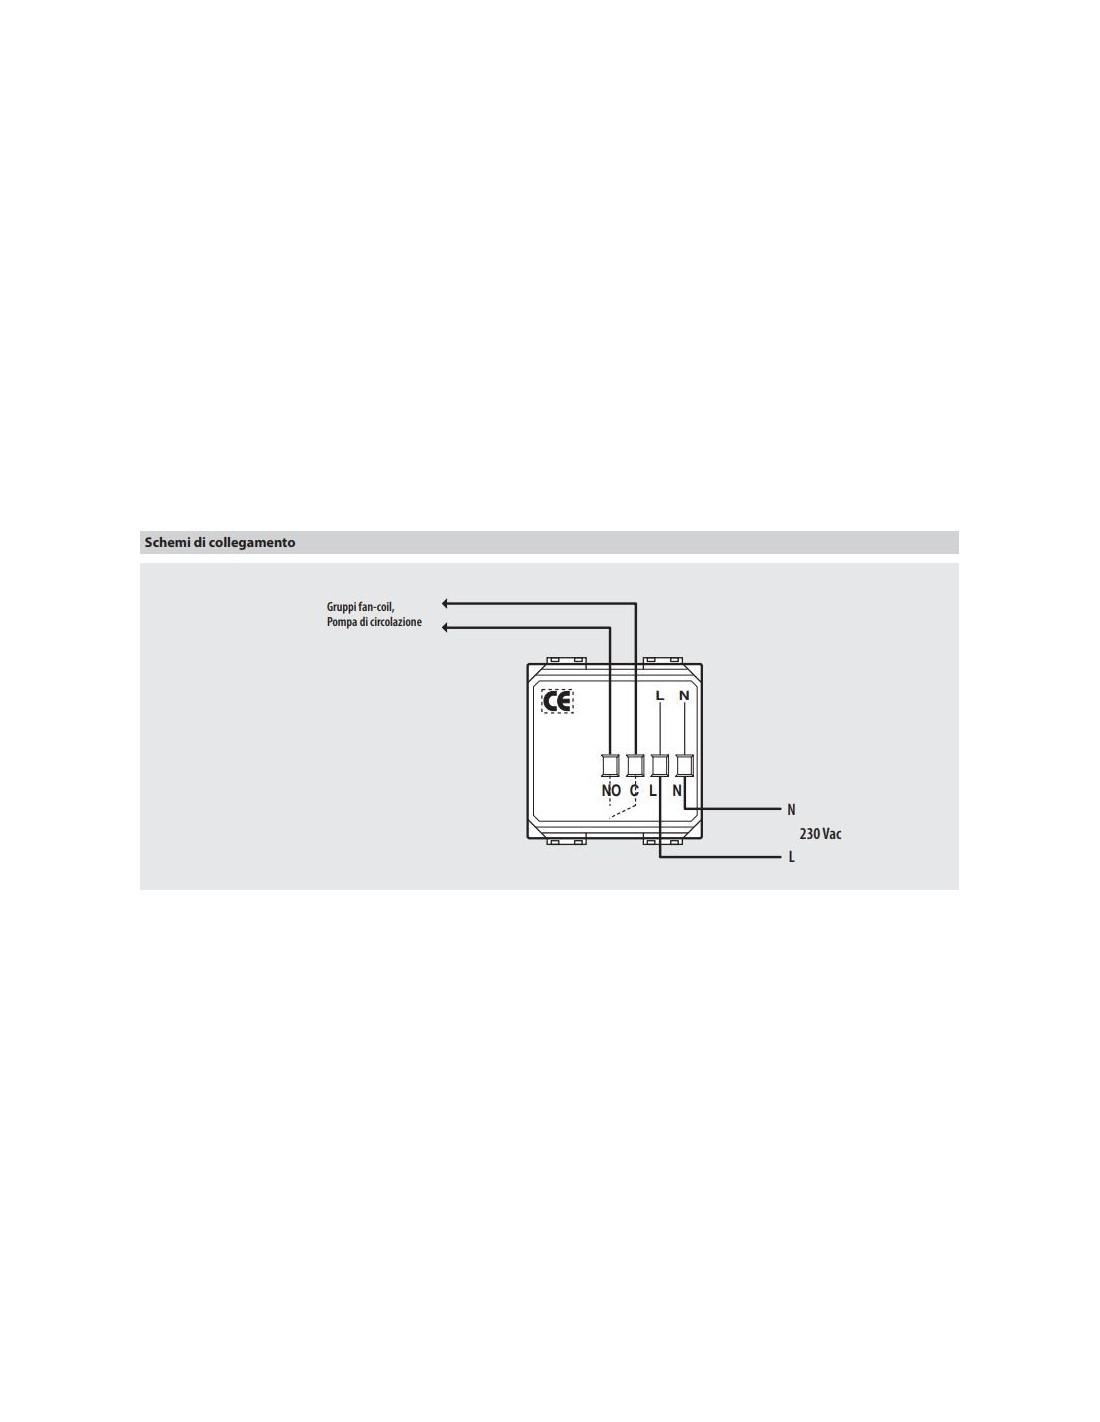 Bticino hd4442 axolute termostato ambiante estate inverno for Istruzioni termostato bticino